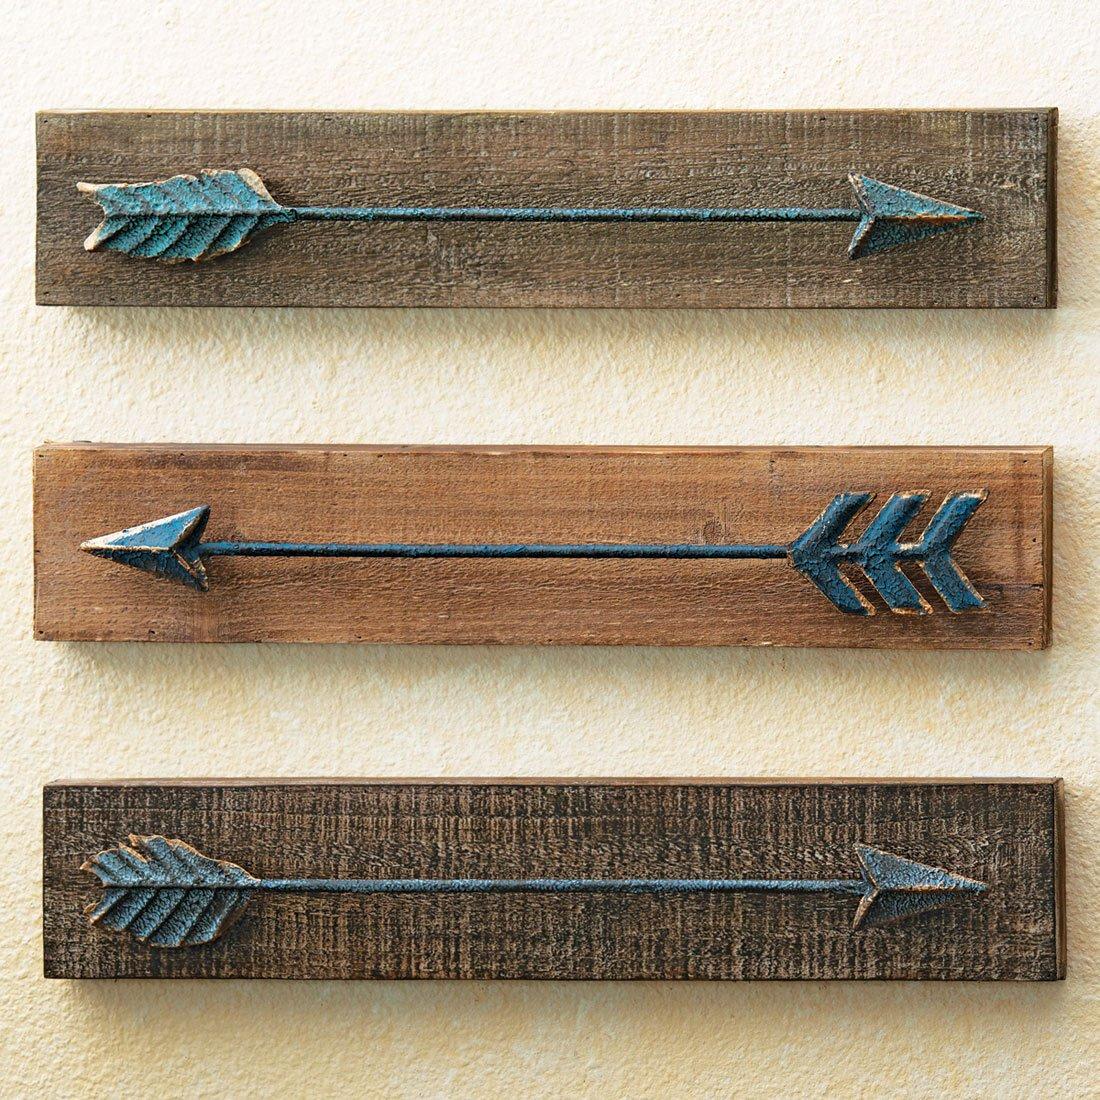 メタル&木製矢印壁Hangings – 3のセット B074XSV7J1